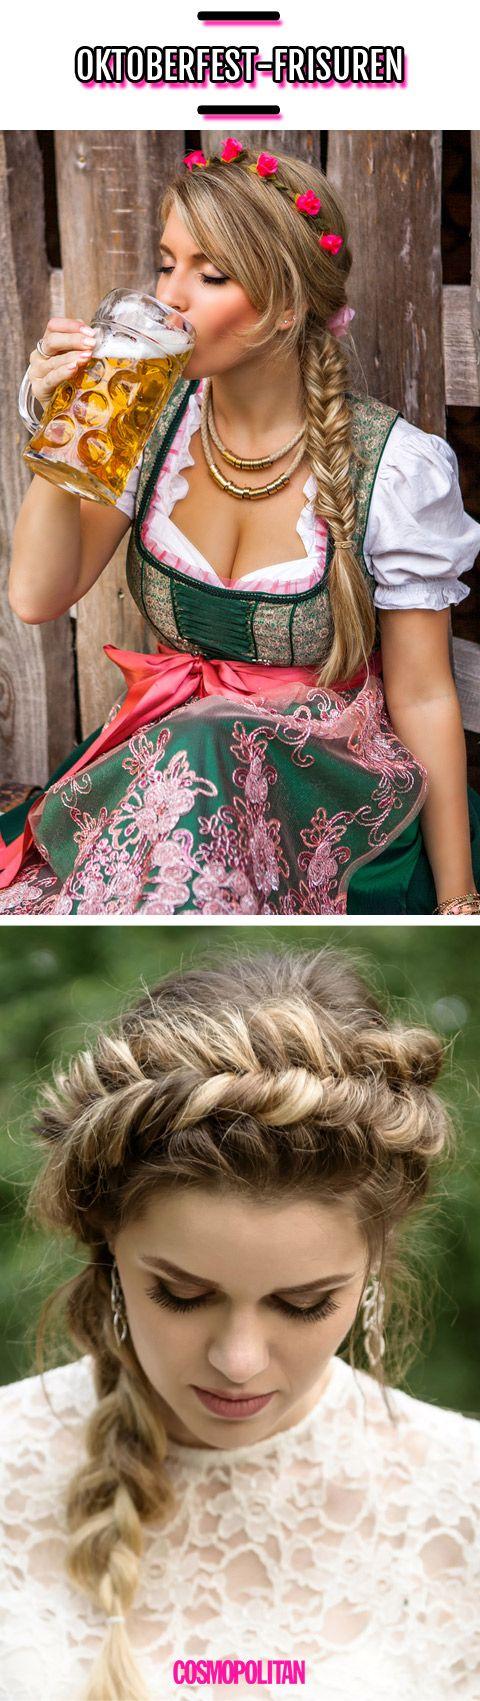 Über 25 hübsche Dirndl-Frisuren für das Oktoberfest